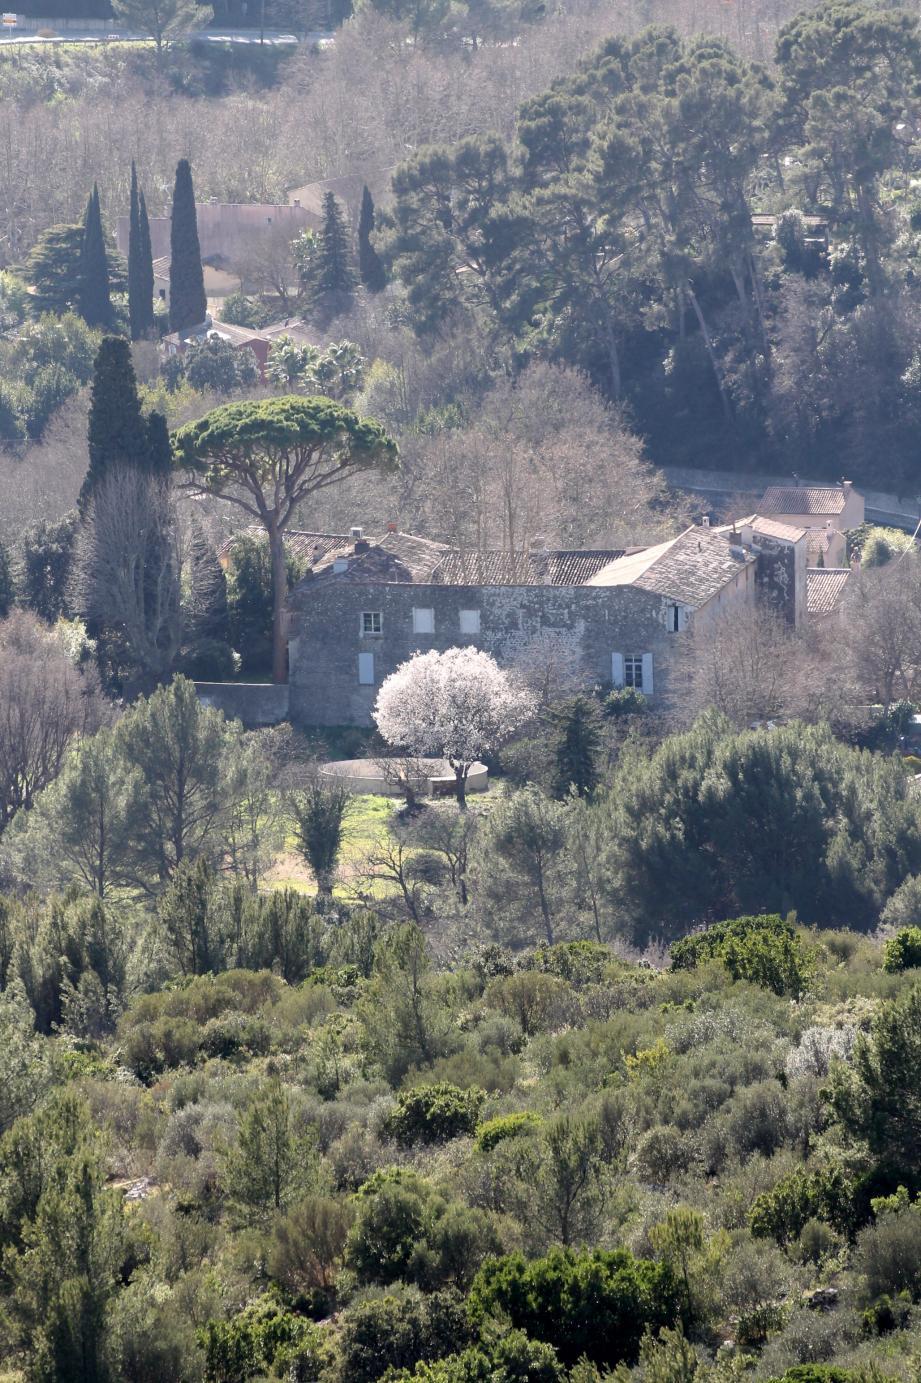 Depuis le sommet du mont Combe, qui surplombe le quartier de la Ripelle, le château de Dardennes se laisse découvrir.C.S.